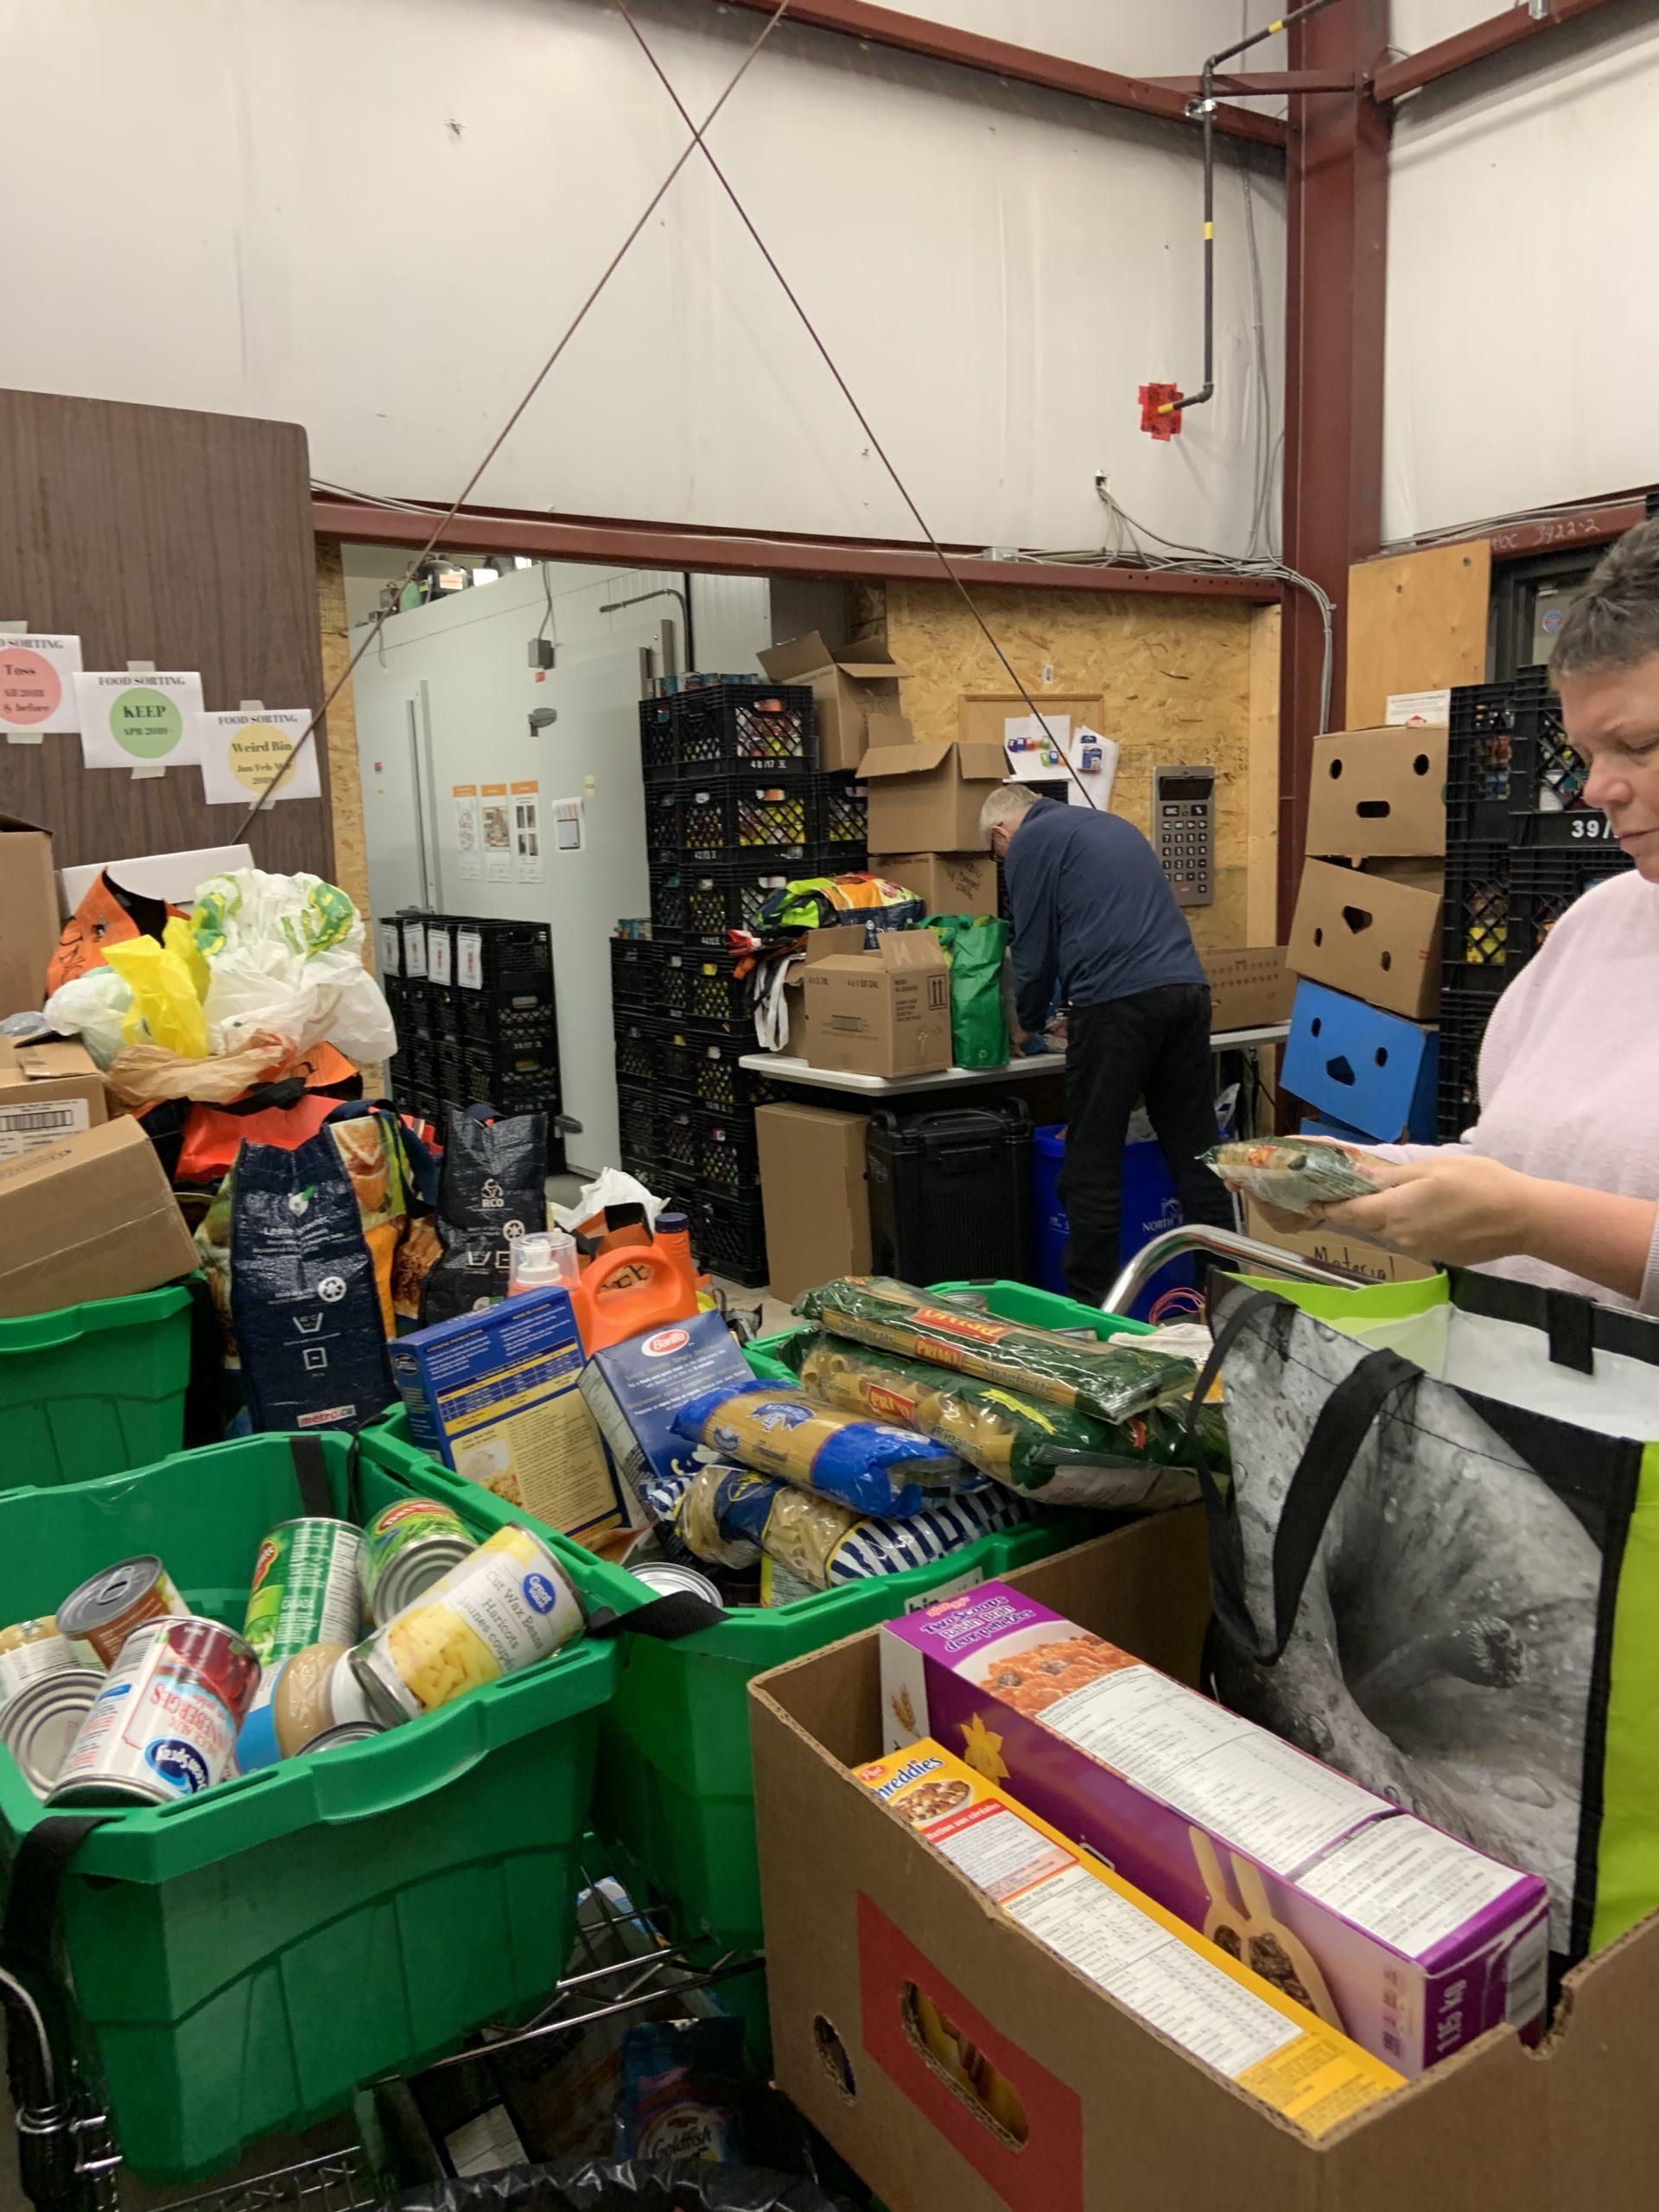 volunteer sort and stock shelves